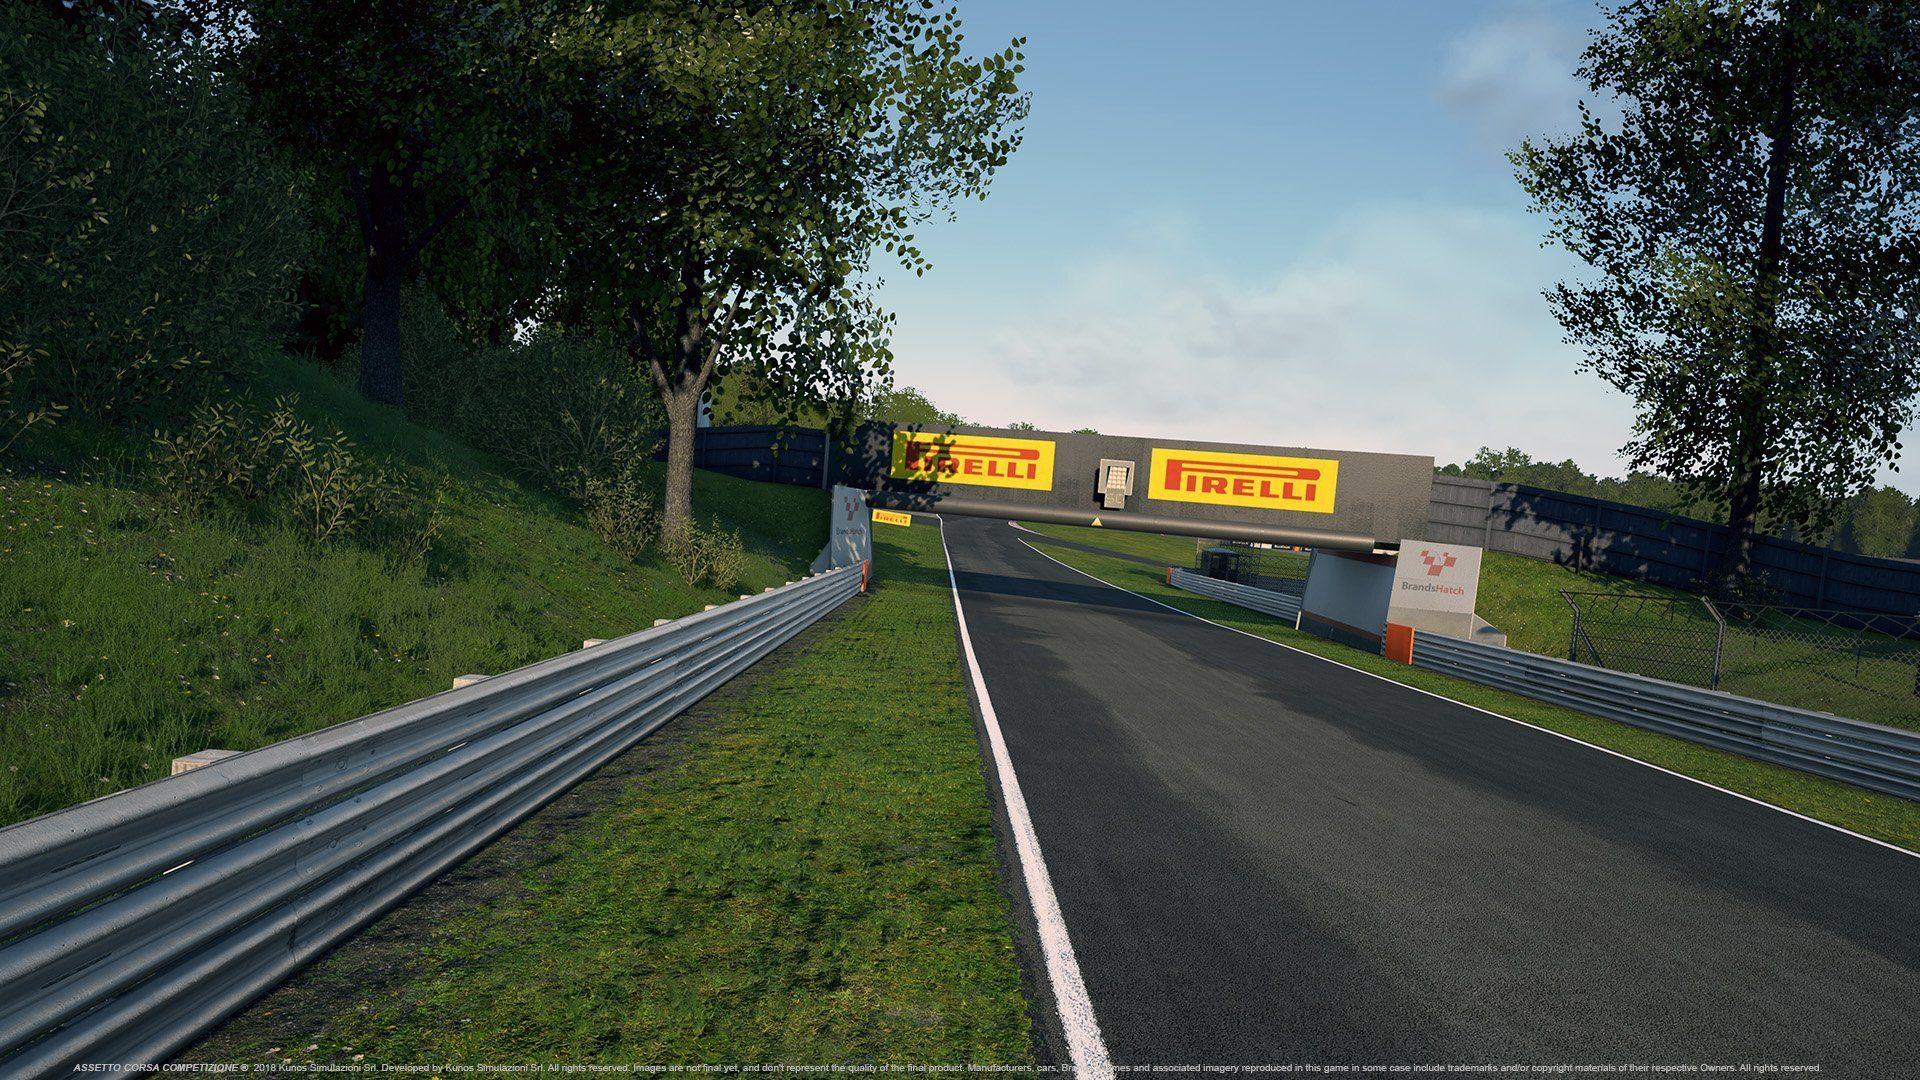 Assetto-Corsa-Competizione-Brands-Hatch-08.jpg